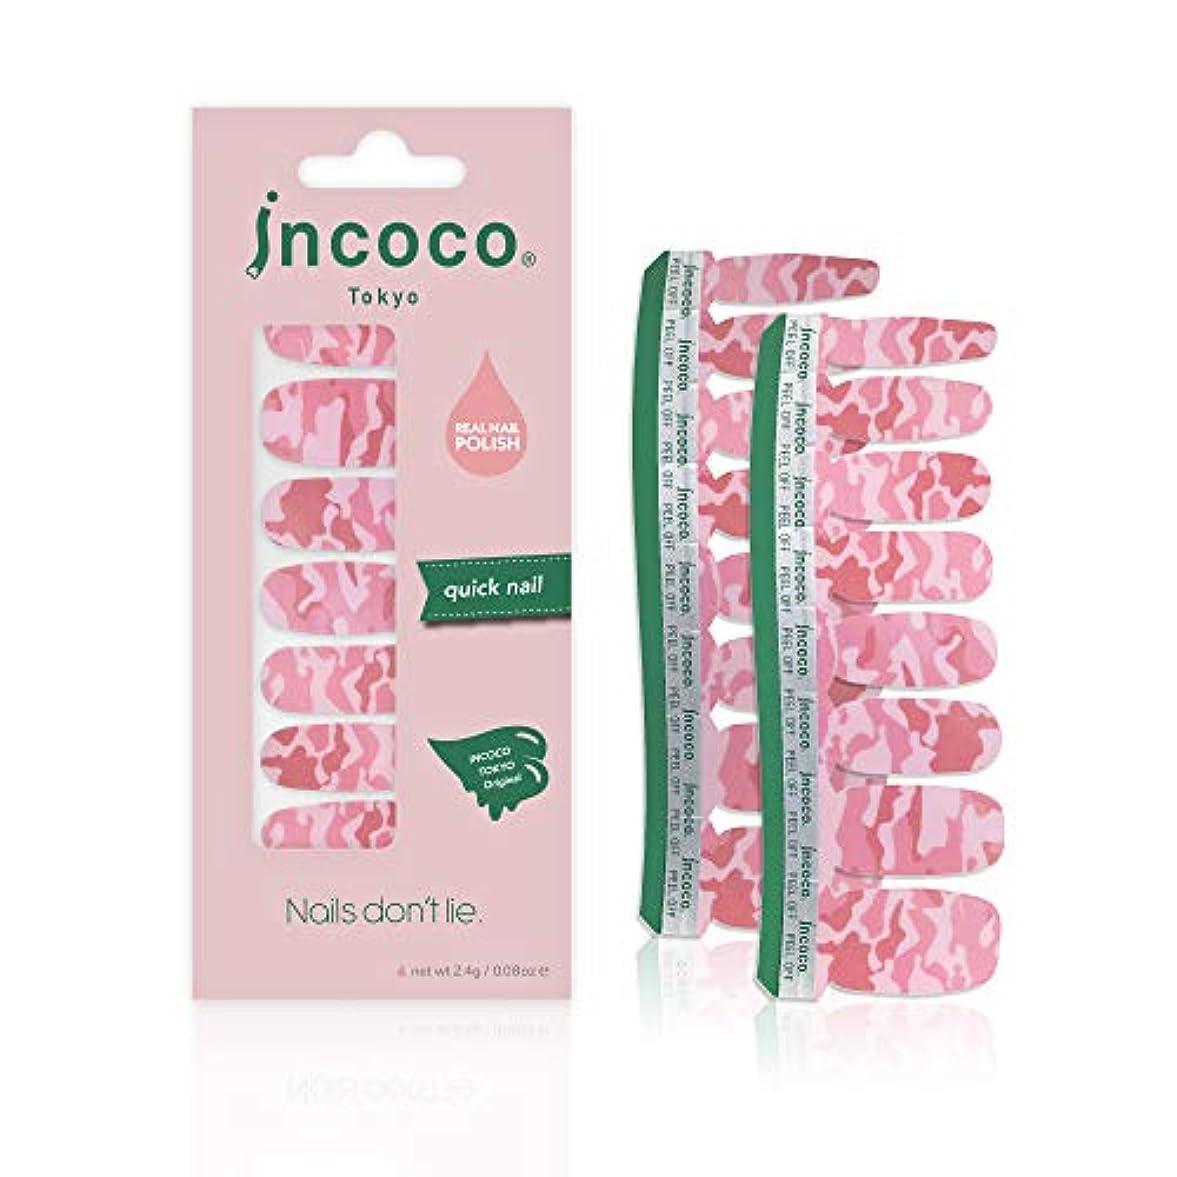 後悔必要としている愛情深いインココ トーキョー 「ピンク カモ」 (Pink Camo)